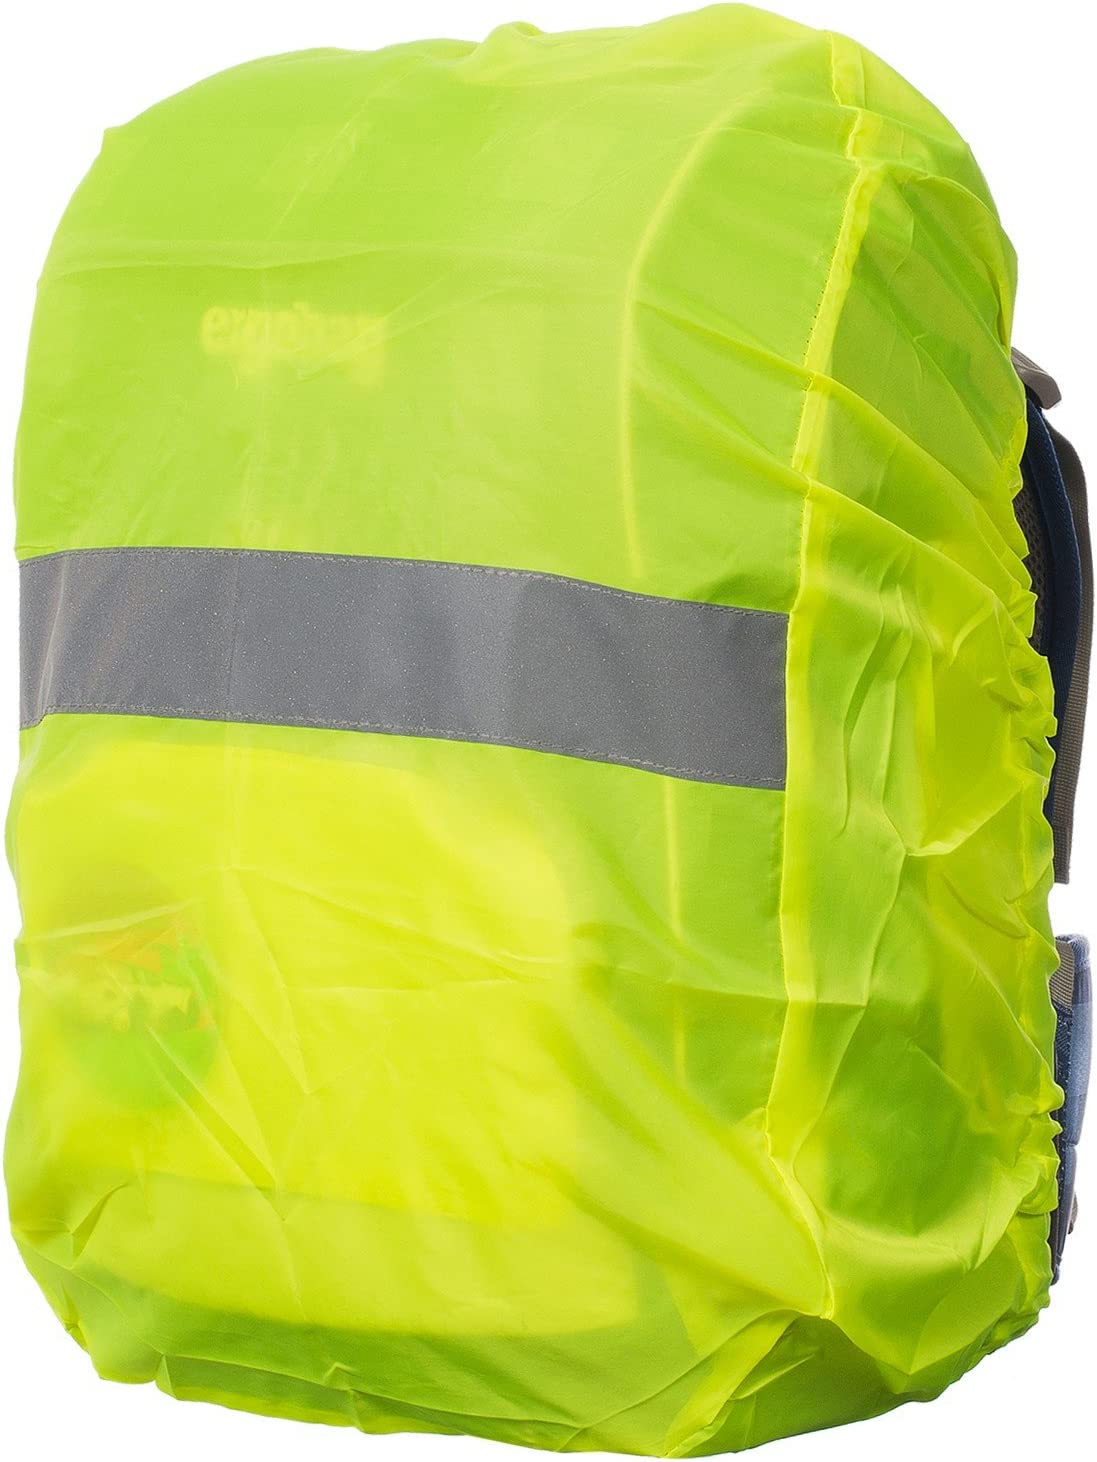 Regenschutz für Schulranzen Rucksack Schutzhülle Reflektor Überzug Regen Pink